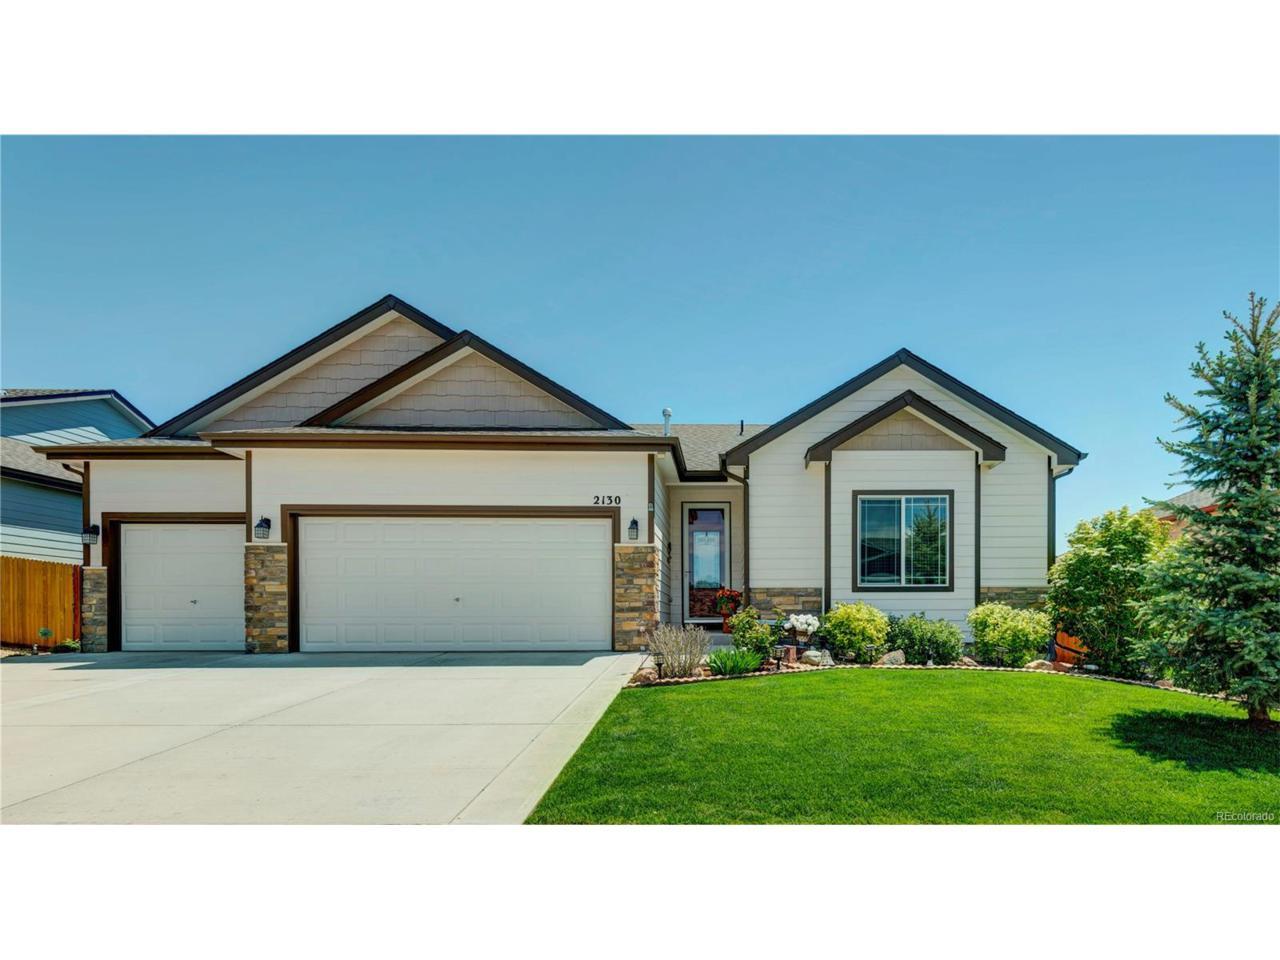 2130 Vancorum Circle, Loveland, CO 80538 (MLS #6737352) :: 8z Real Estate